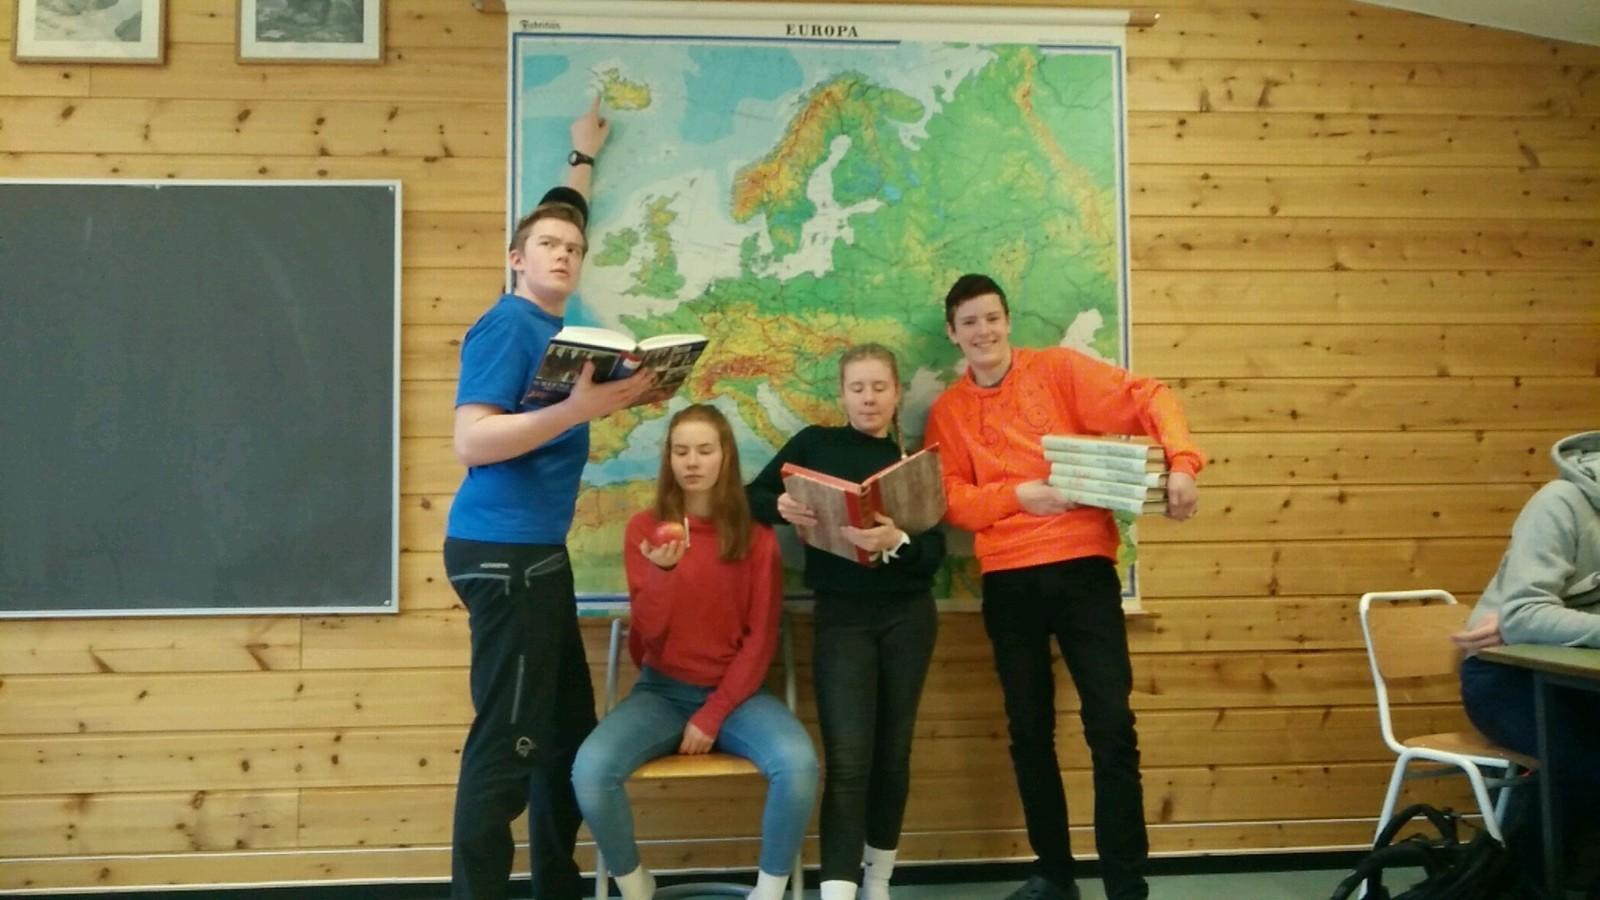 Frå venstre. Erik Vaagaasar, Brit Irene Mork, Siri Aaboen(reserve), Tor Espen Sulheim Ovesen fra Lom ungdomsskule fikk åtte rette.